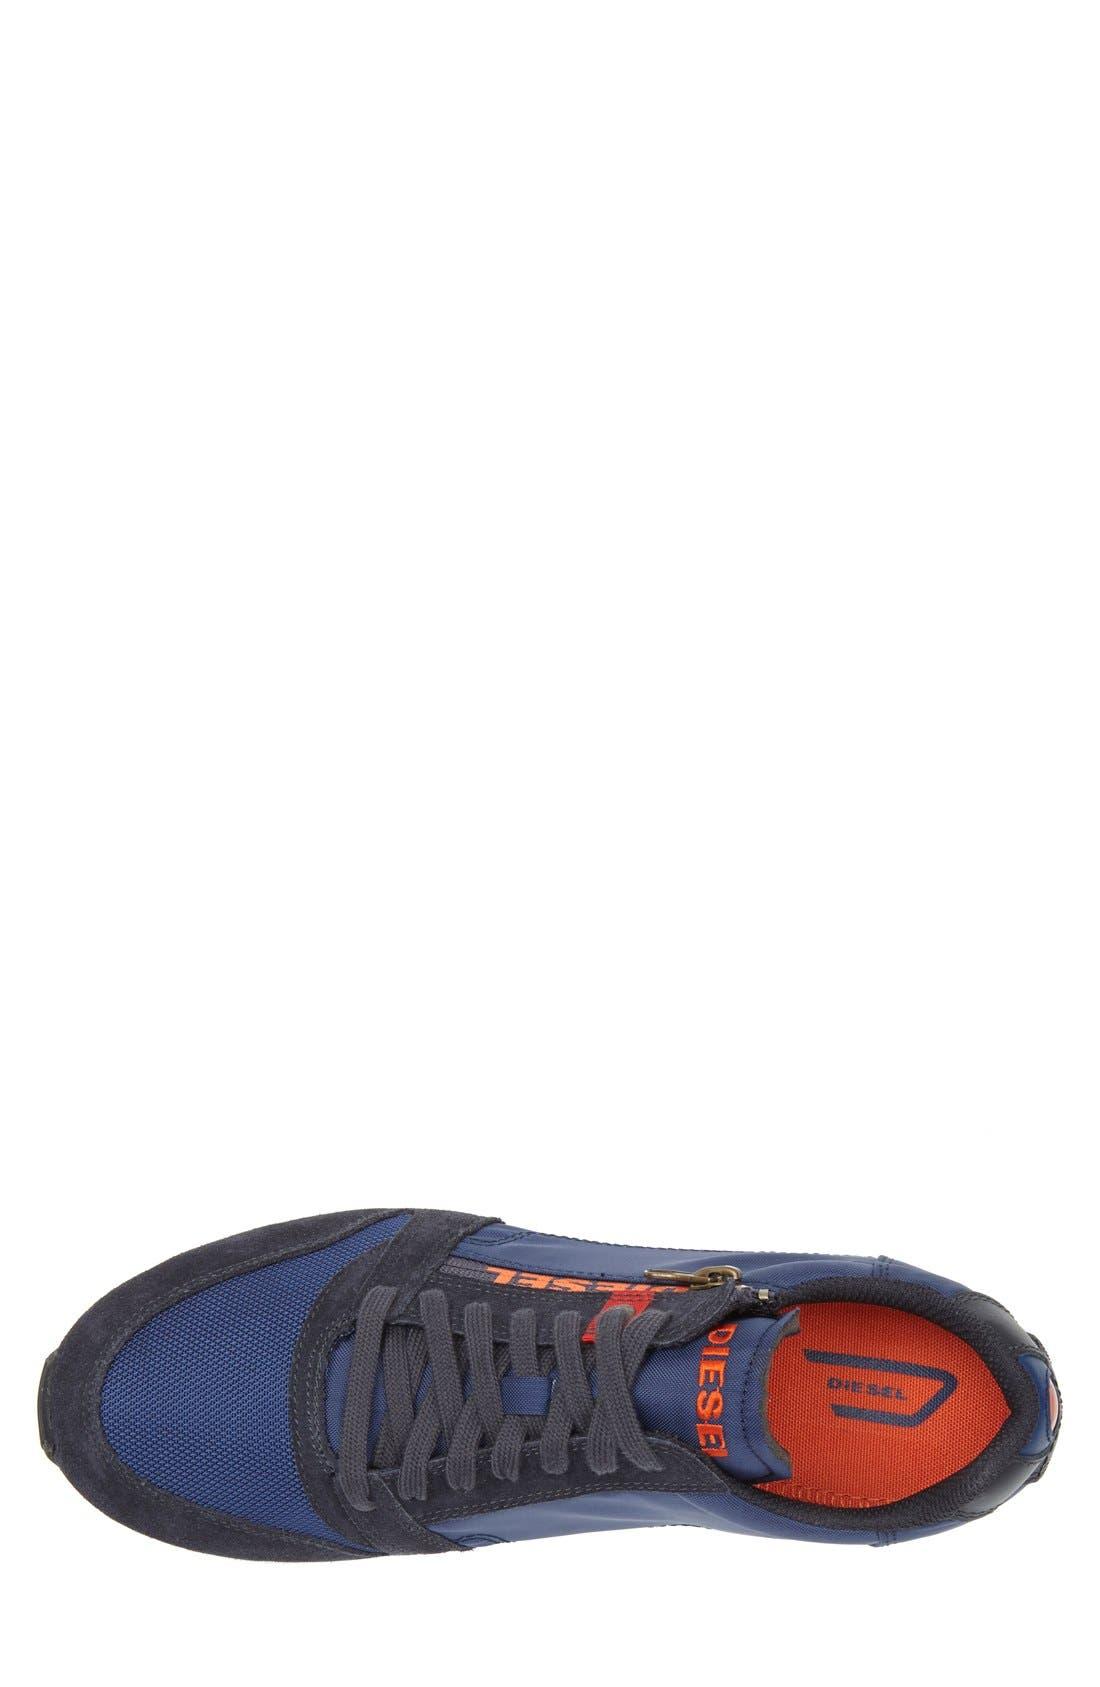 'Black Jake Slocker' Sneaker,                             Alternate thumbnail 3, color,                             400